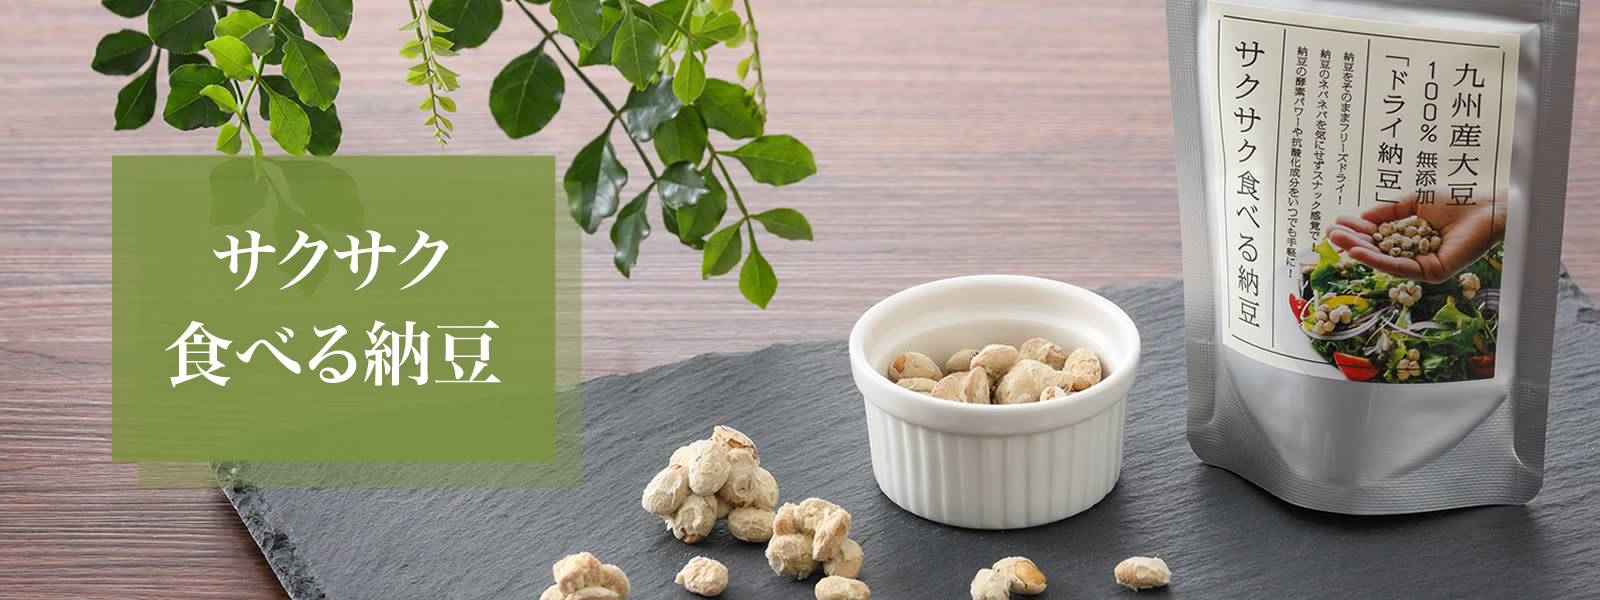 サクサク食べる納豆。九州大豆100%無添加ドライ納豆。